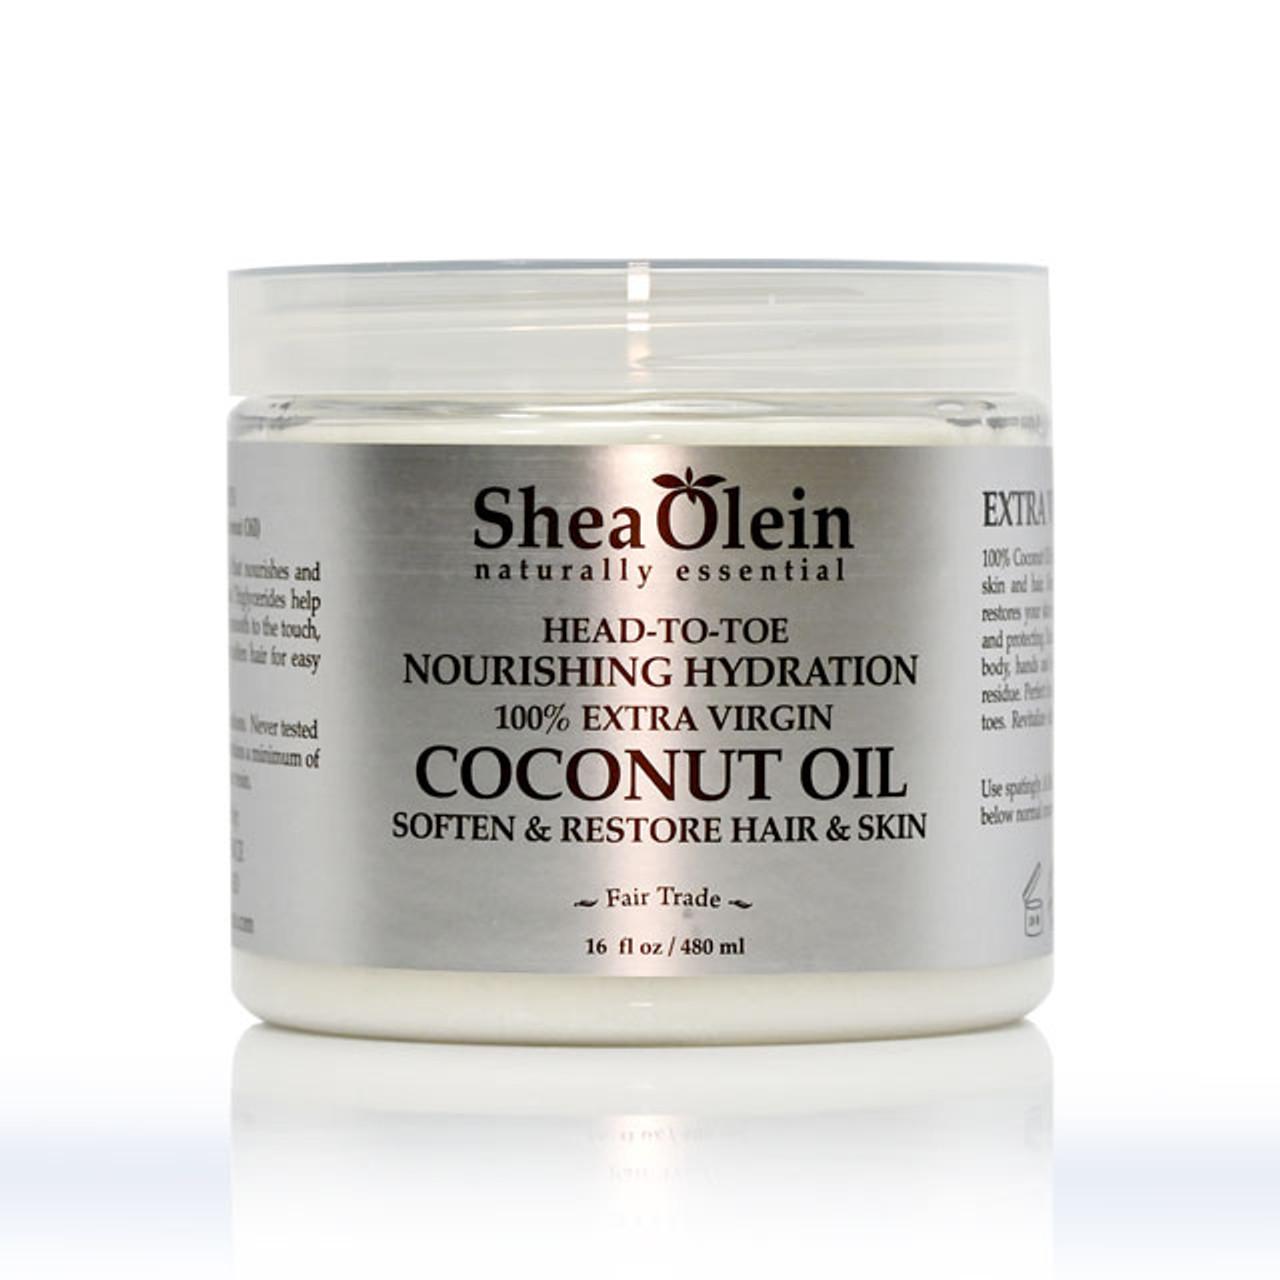 SHEA OLEIN ORGANIC 100% PURE COCONUT HAIR OIL